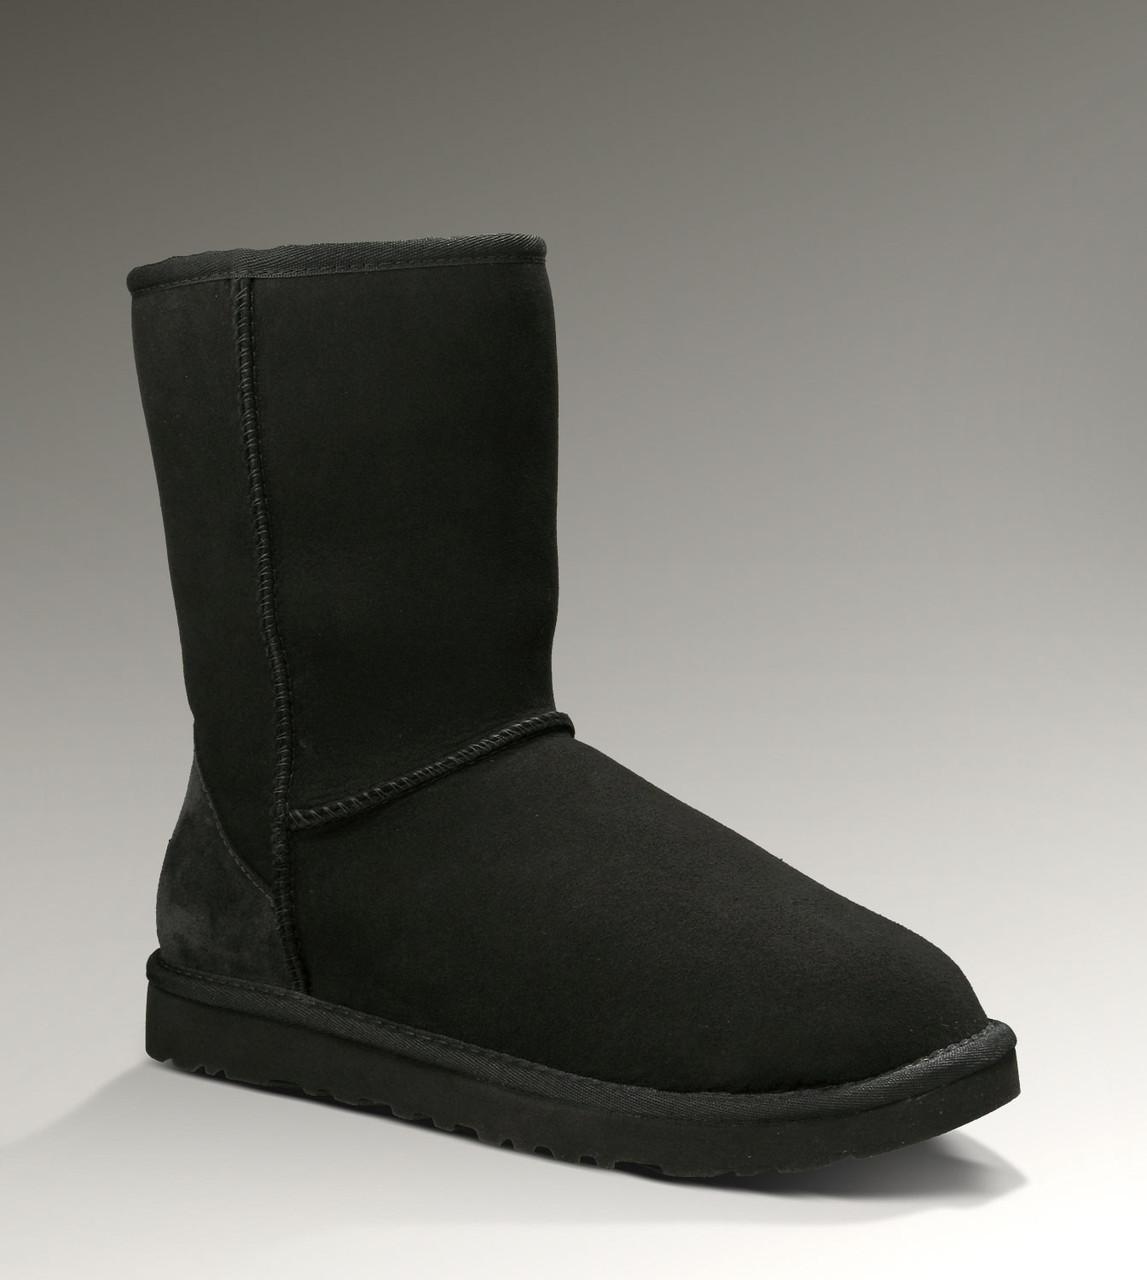 Натуральные угги UGG Australia (Угги Оригинал) Classic Short черные. Model: 5825 - Интернет супермаркет - SoulMarket в Киеве